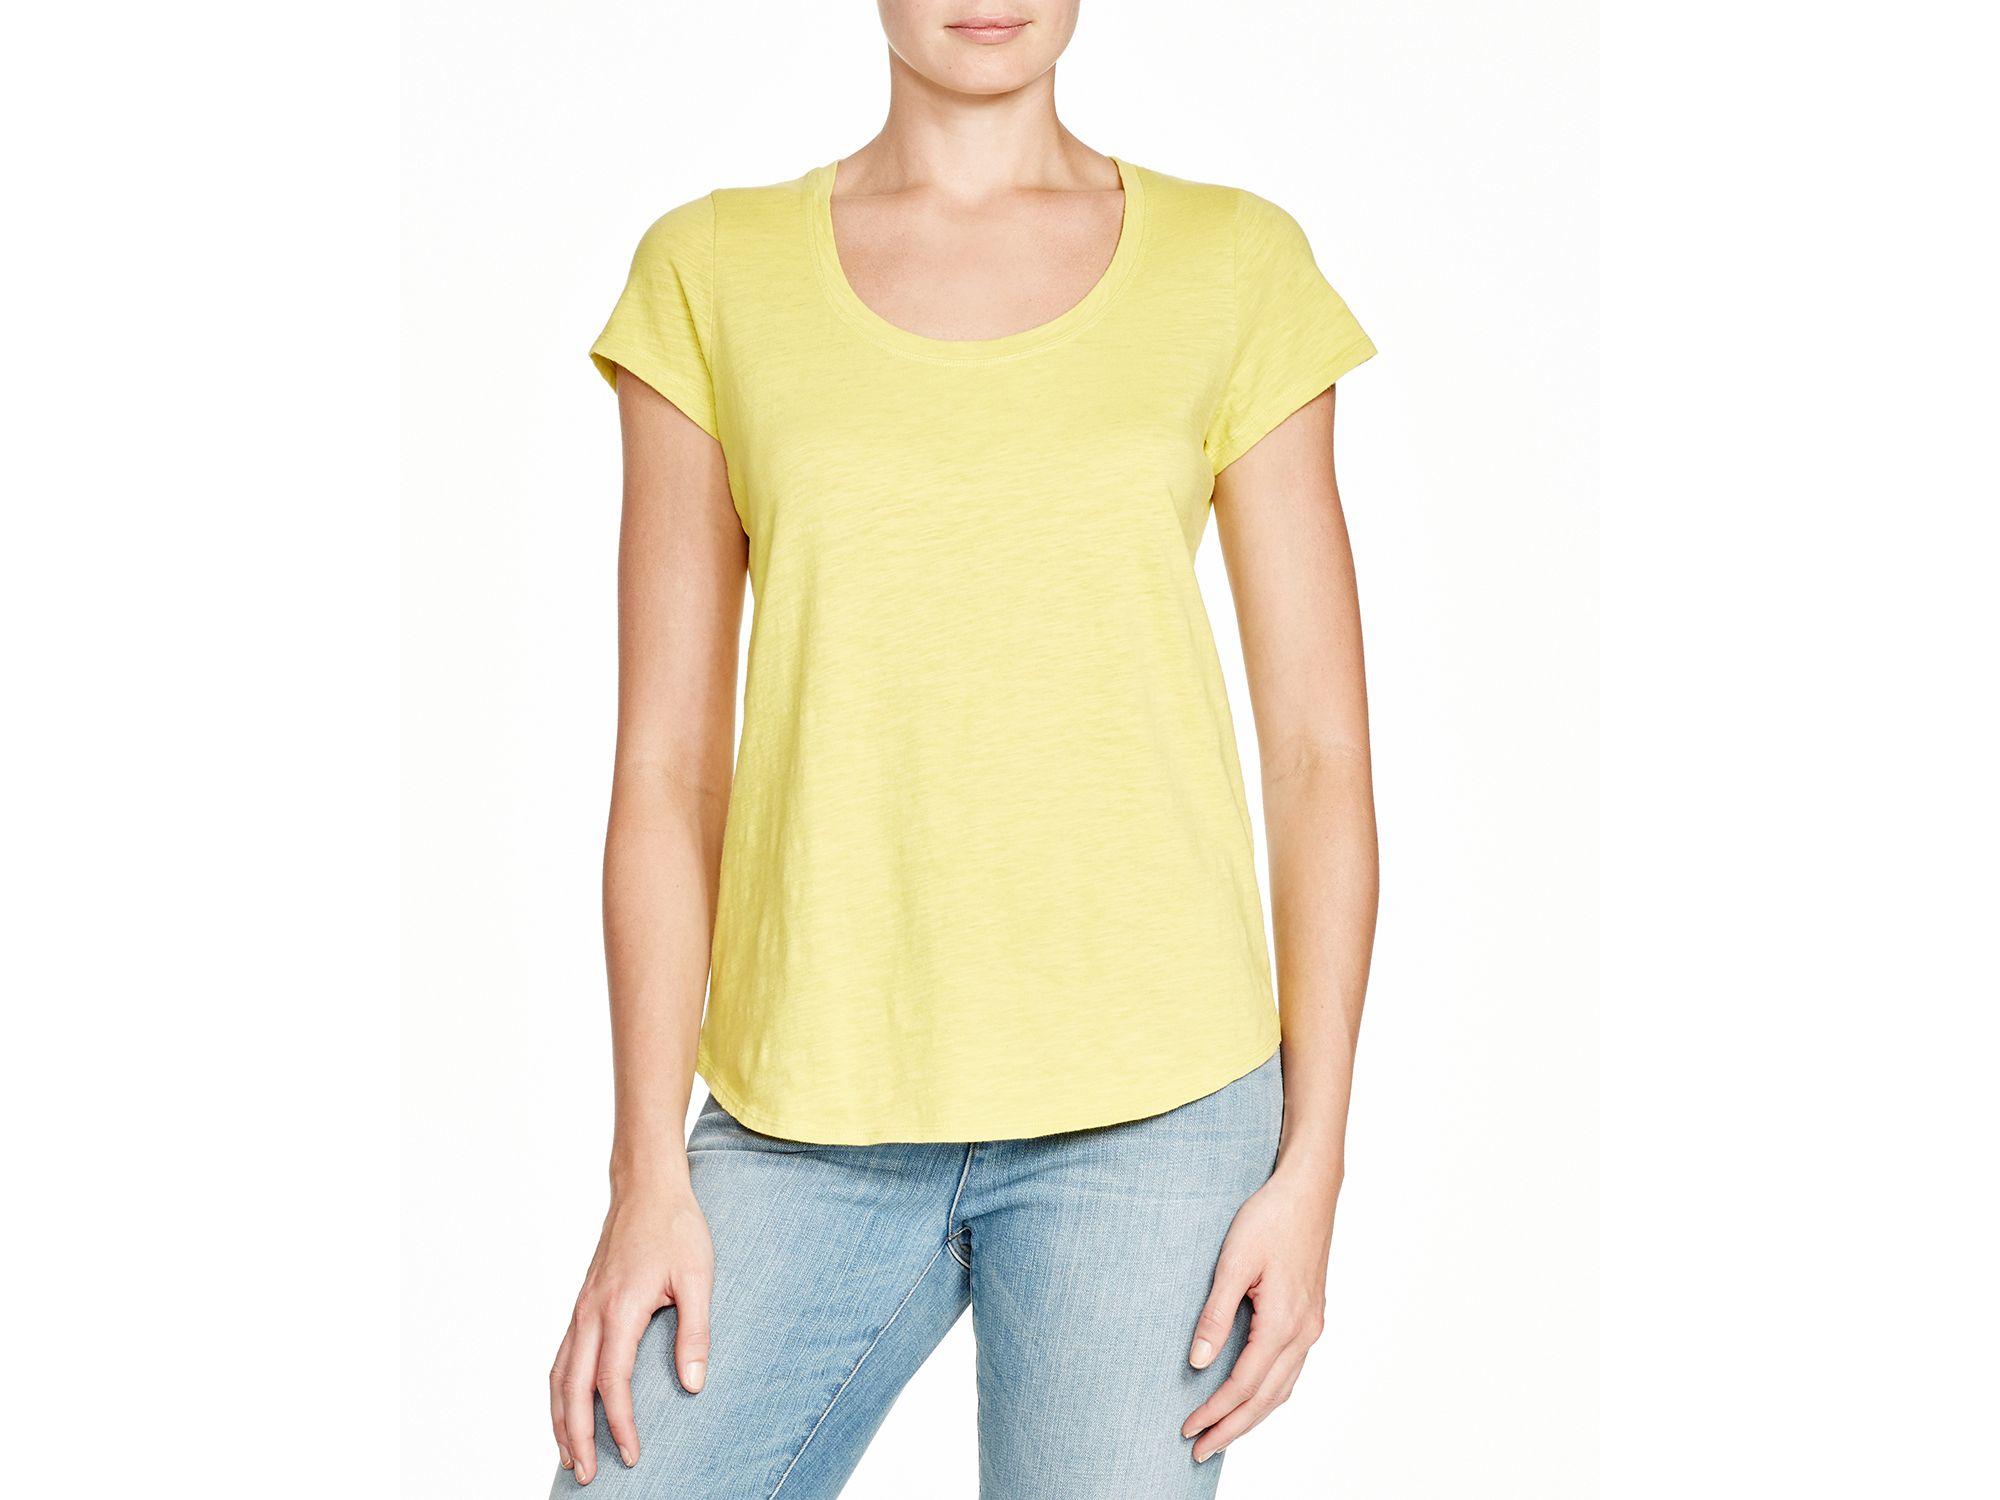 Eileen fisher organic cotton scoop neck tee in yellow for Eileen fisher organic cotton t shirt